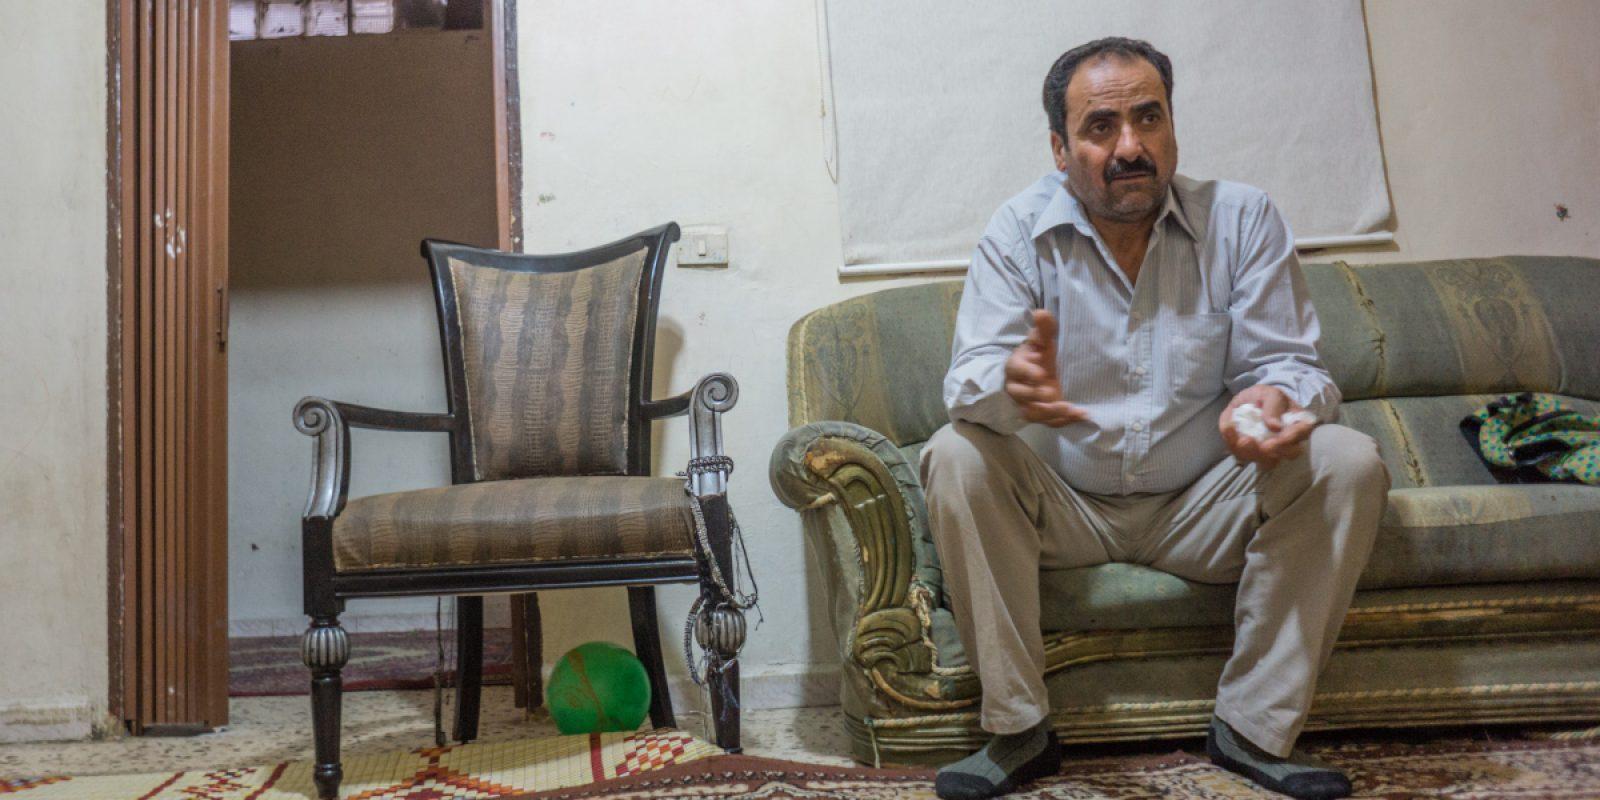 Un hombre comparte su historia en su apartamento de Beirut. (Don Don Doll SJ / Servicio Jesuita a Refugiados)